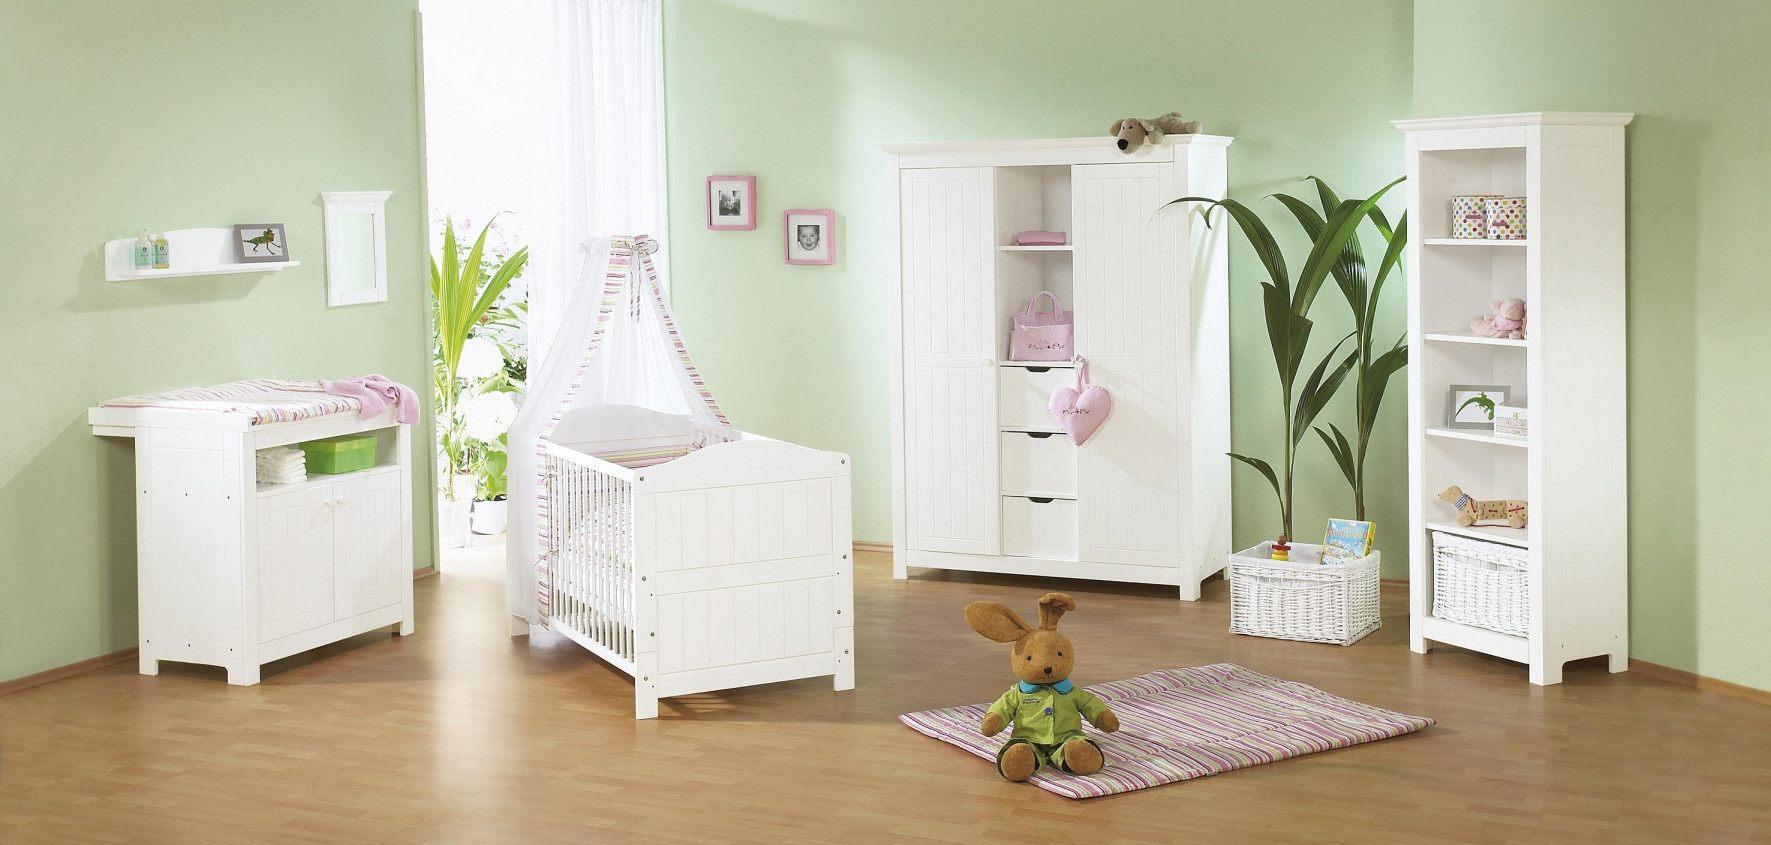 Lit Bébé Hensvik Douce 20 Luxury Chaise Haute Bébé Ikea